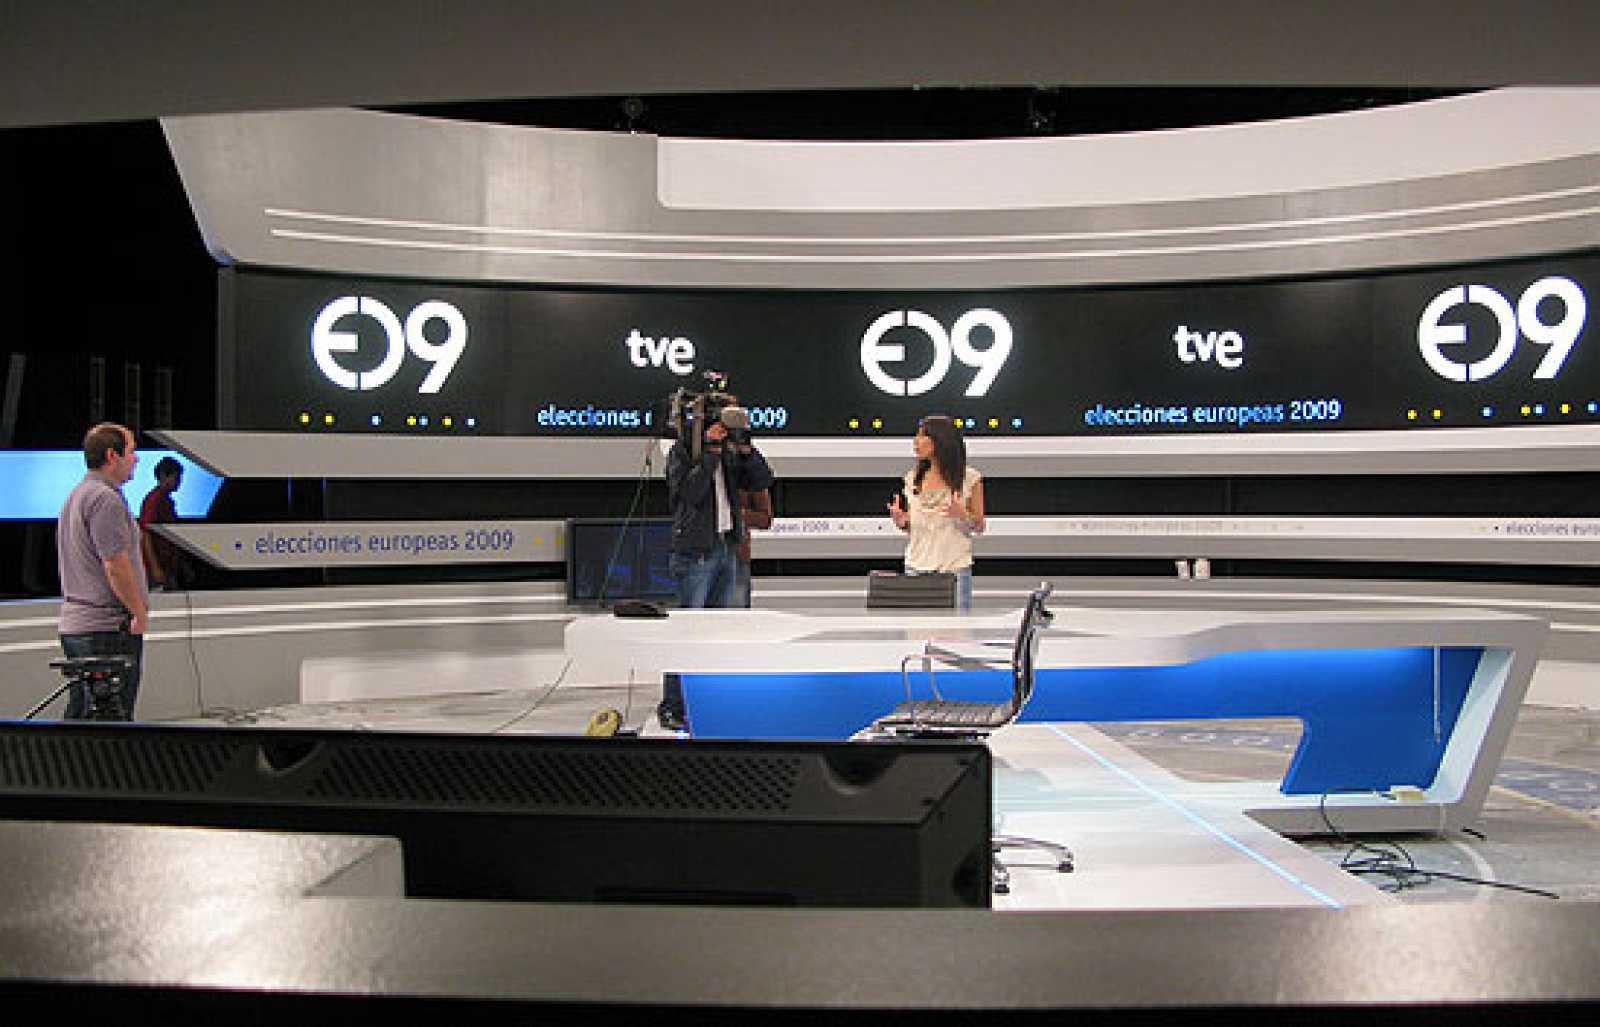 Los estudios Buñuel, de TVE, ultiman todos los detalles para el debate de los candidatos a las Elecciones Europeas Juan Fernández López Aguilar y Jaime Mayor Oreja.